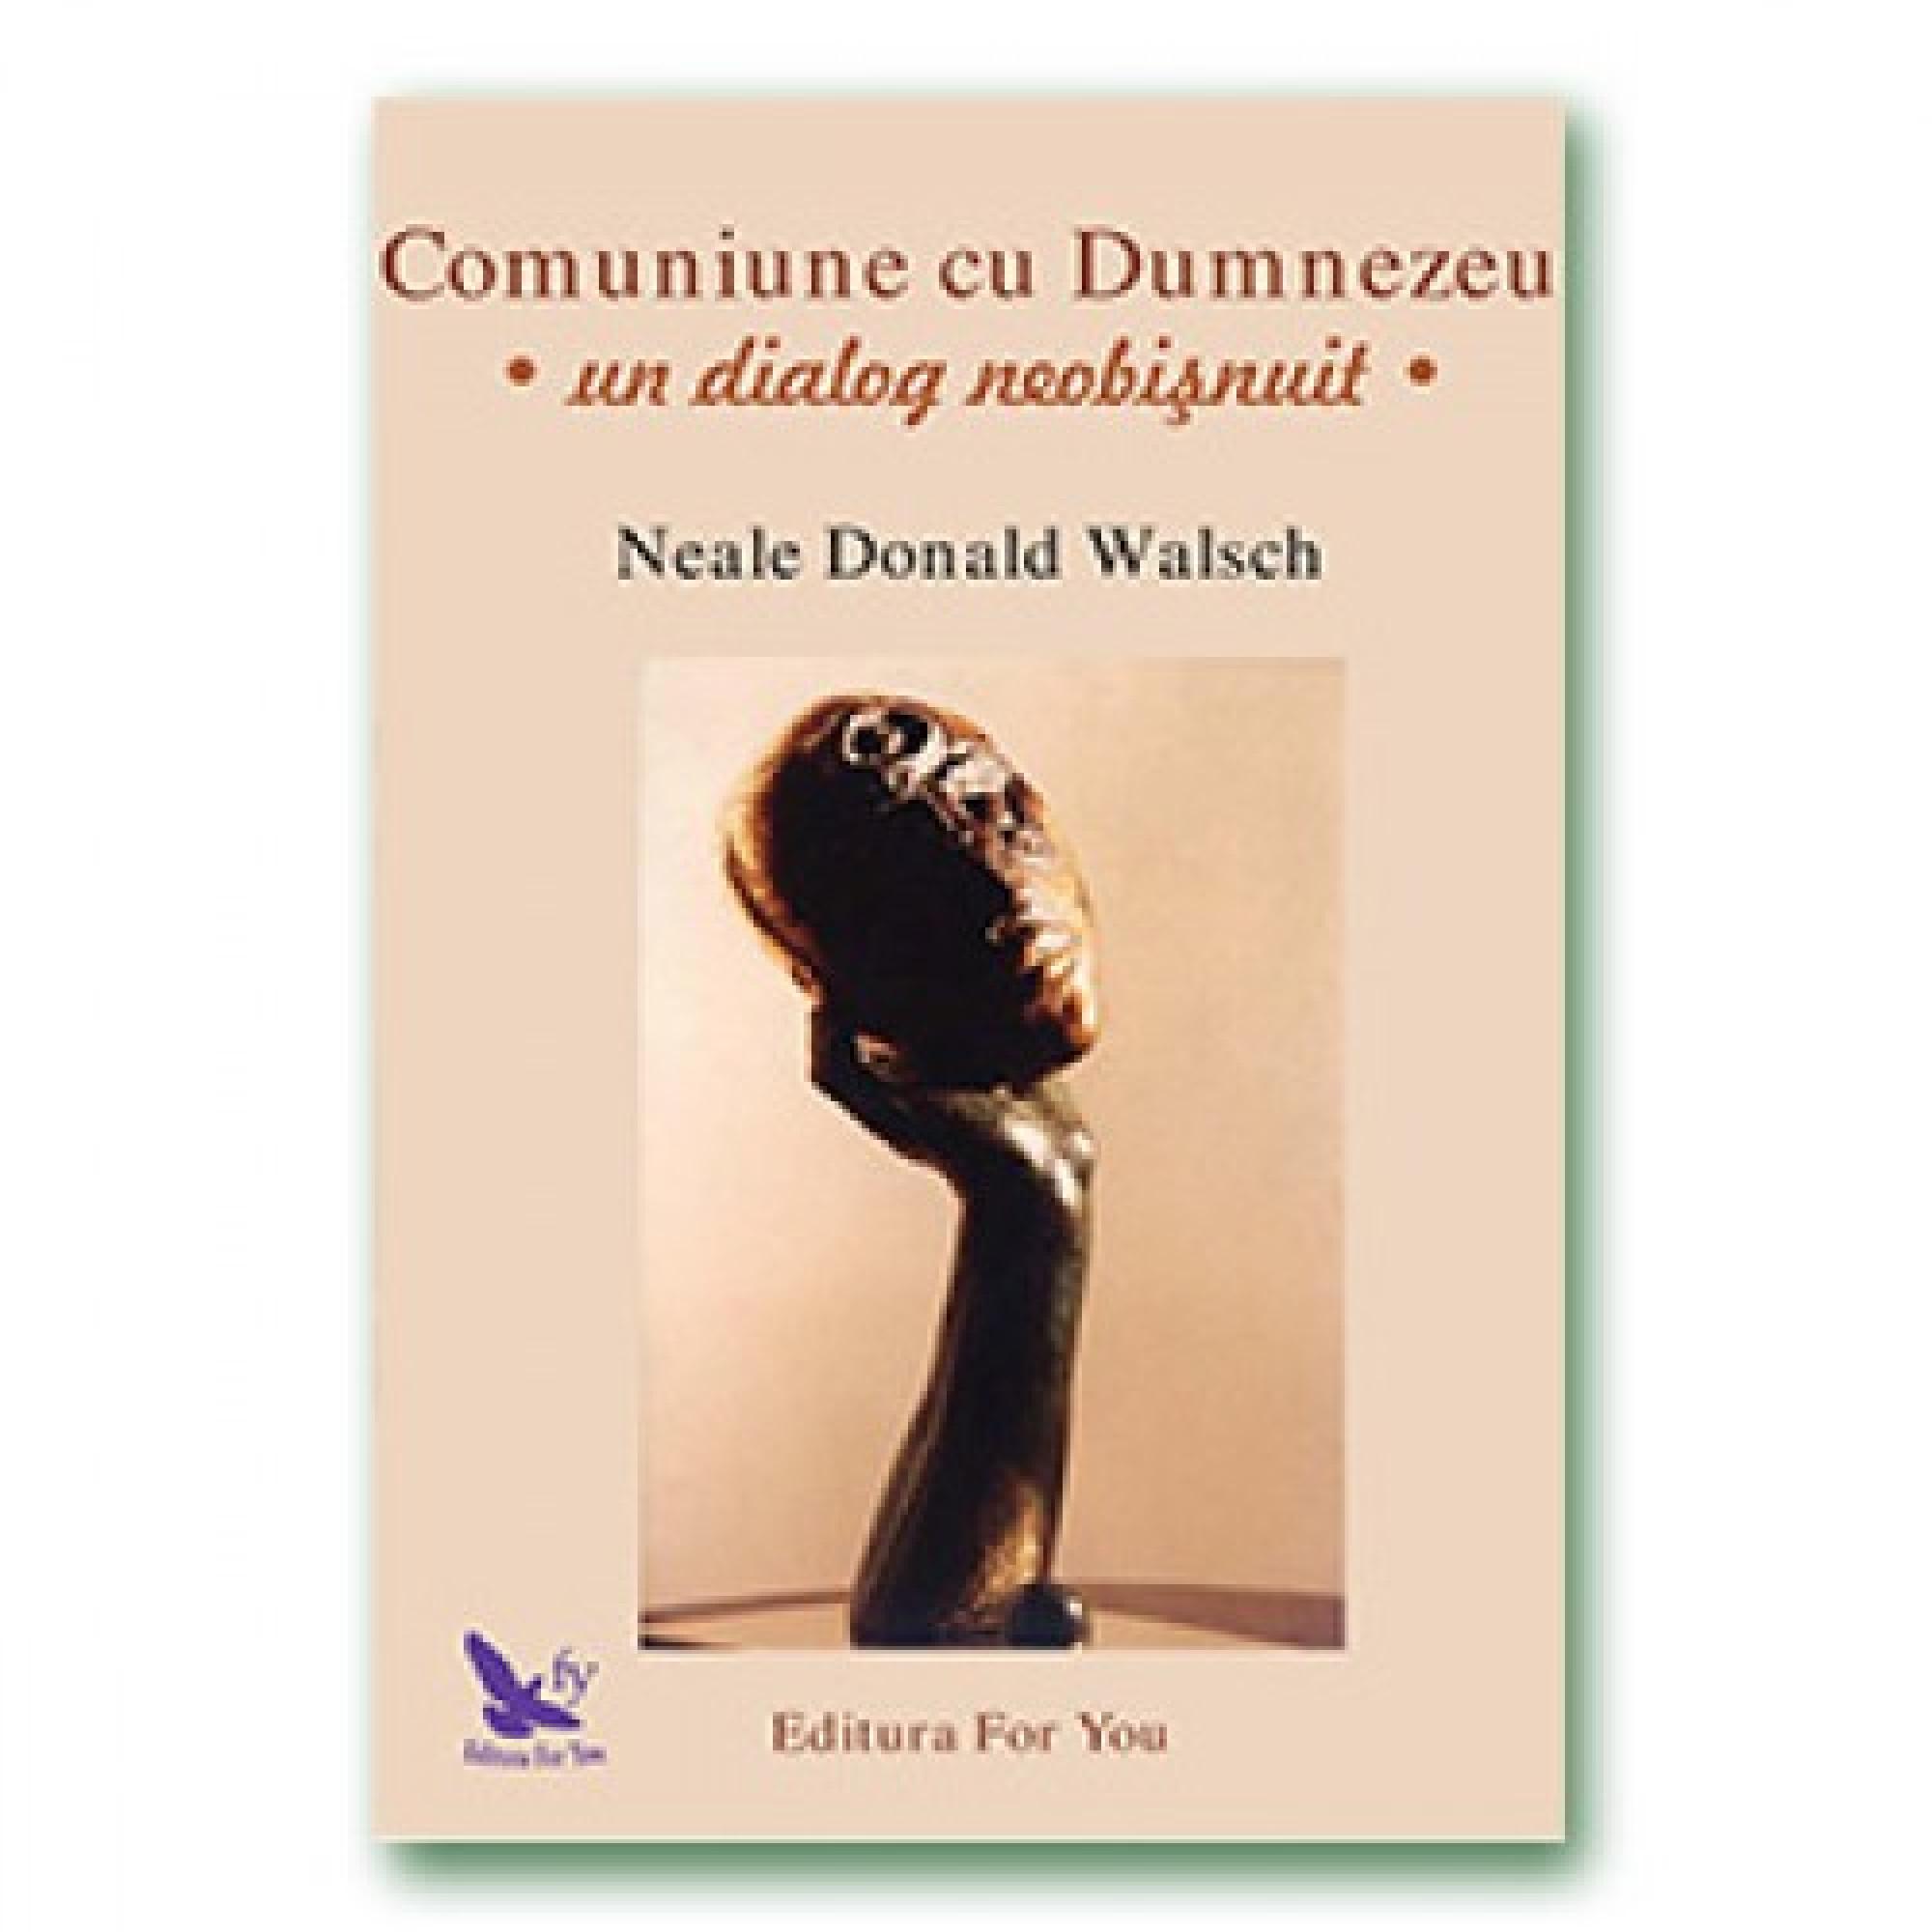 Comuniune cu Dumnezeu; Neale Donald Walsch